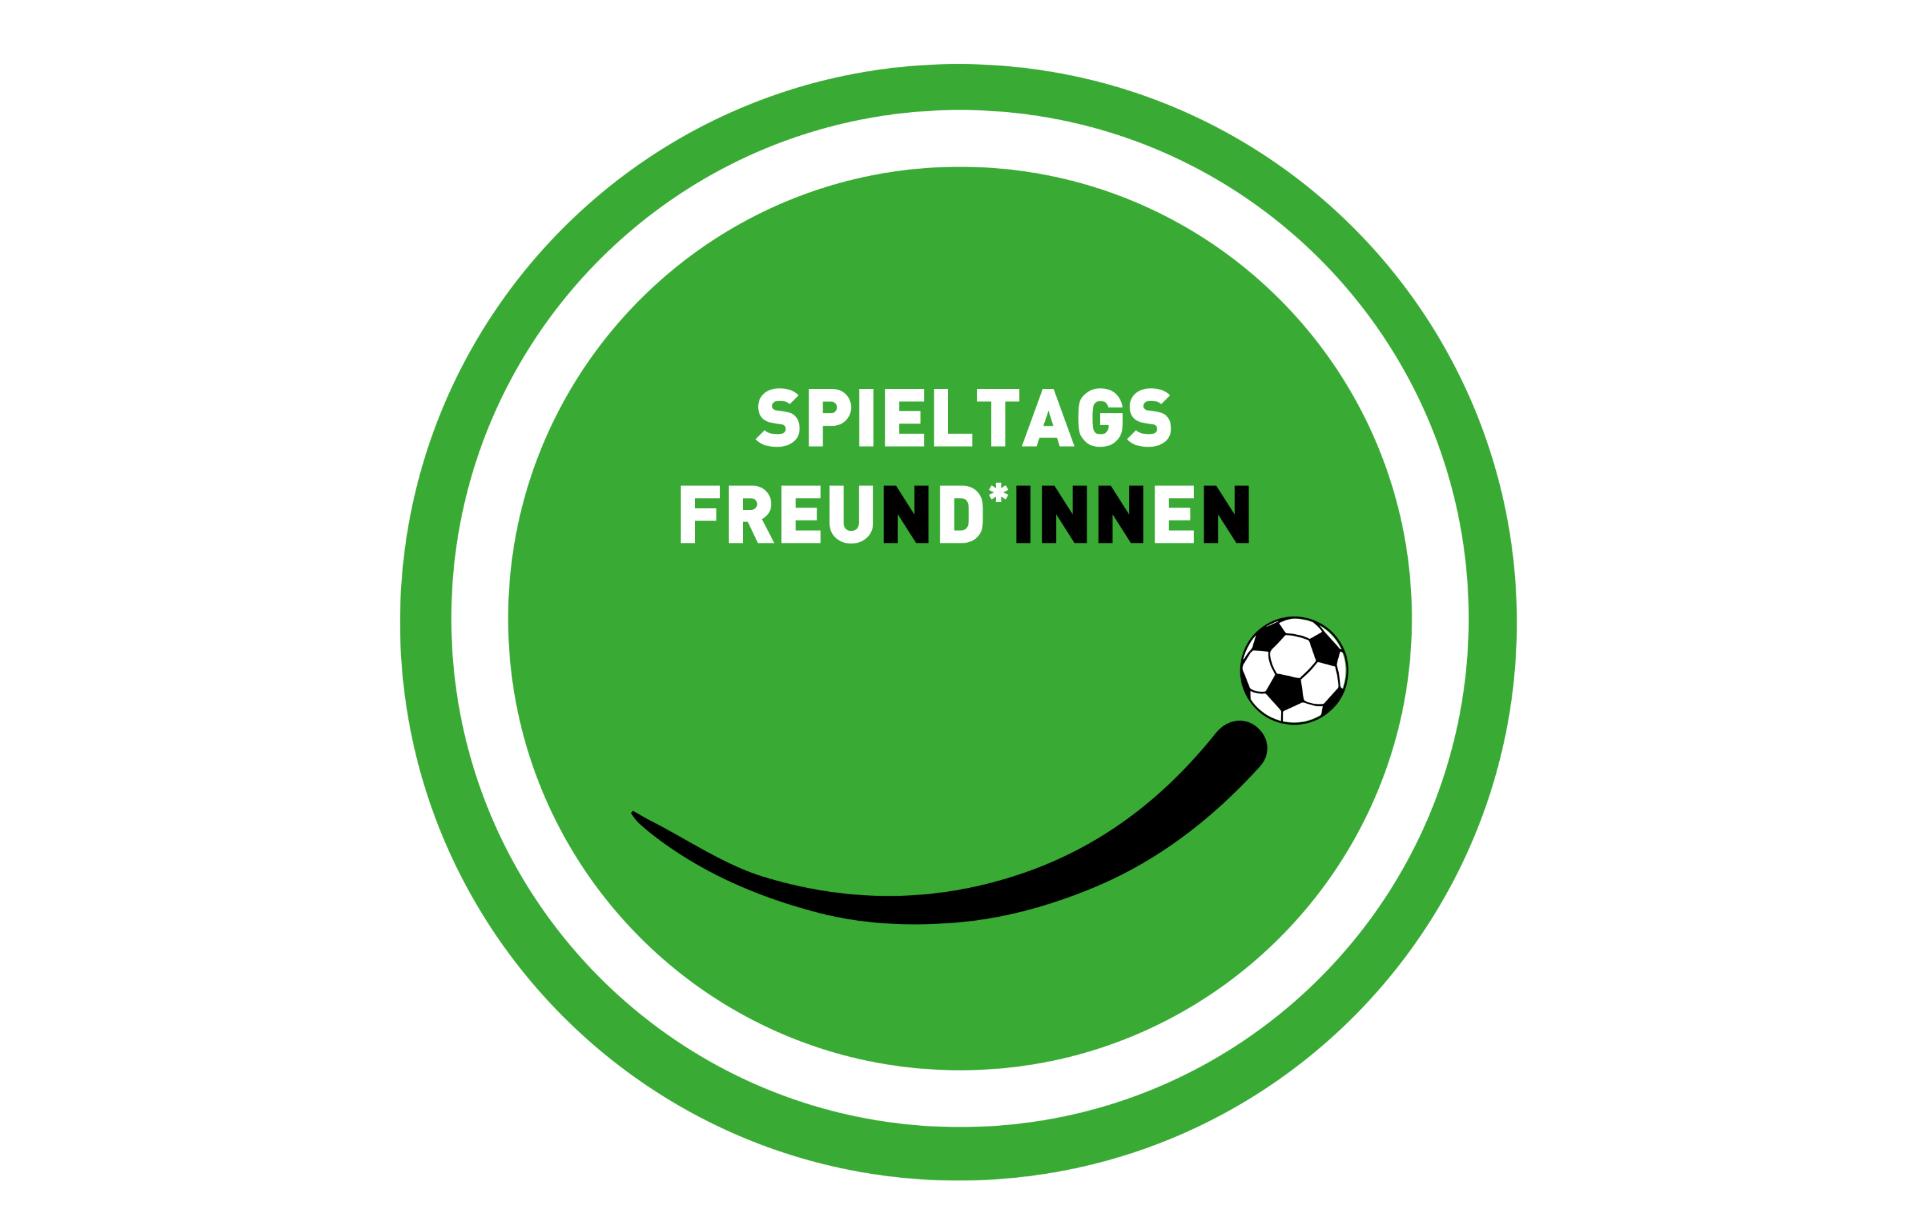 Logo Spieltagsfreund*innen